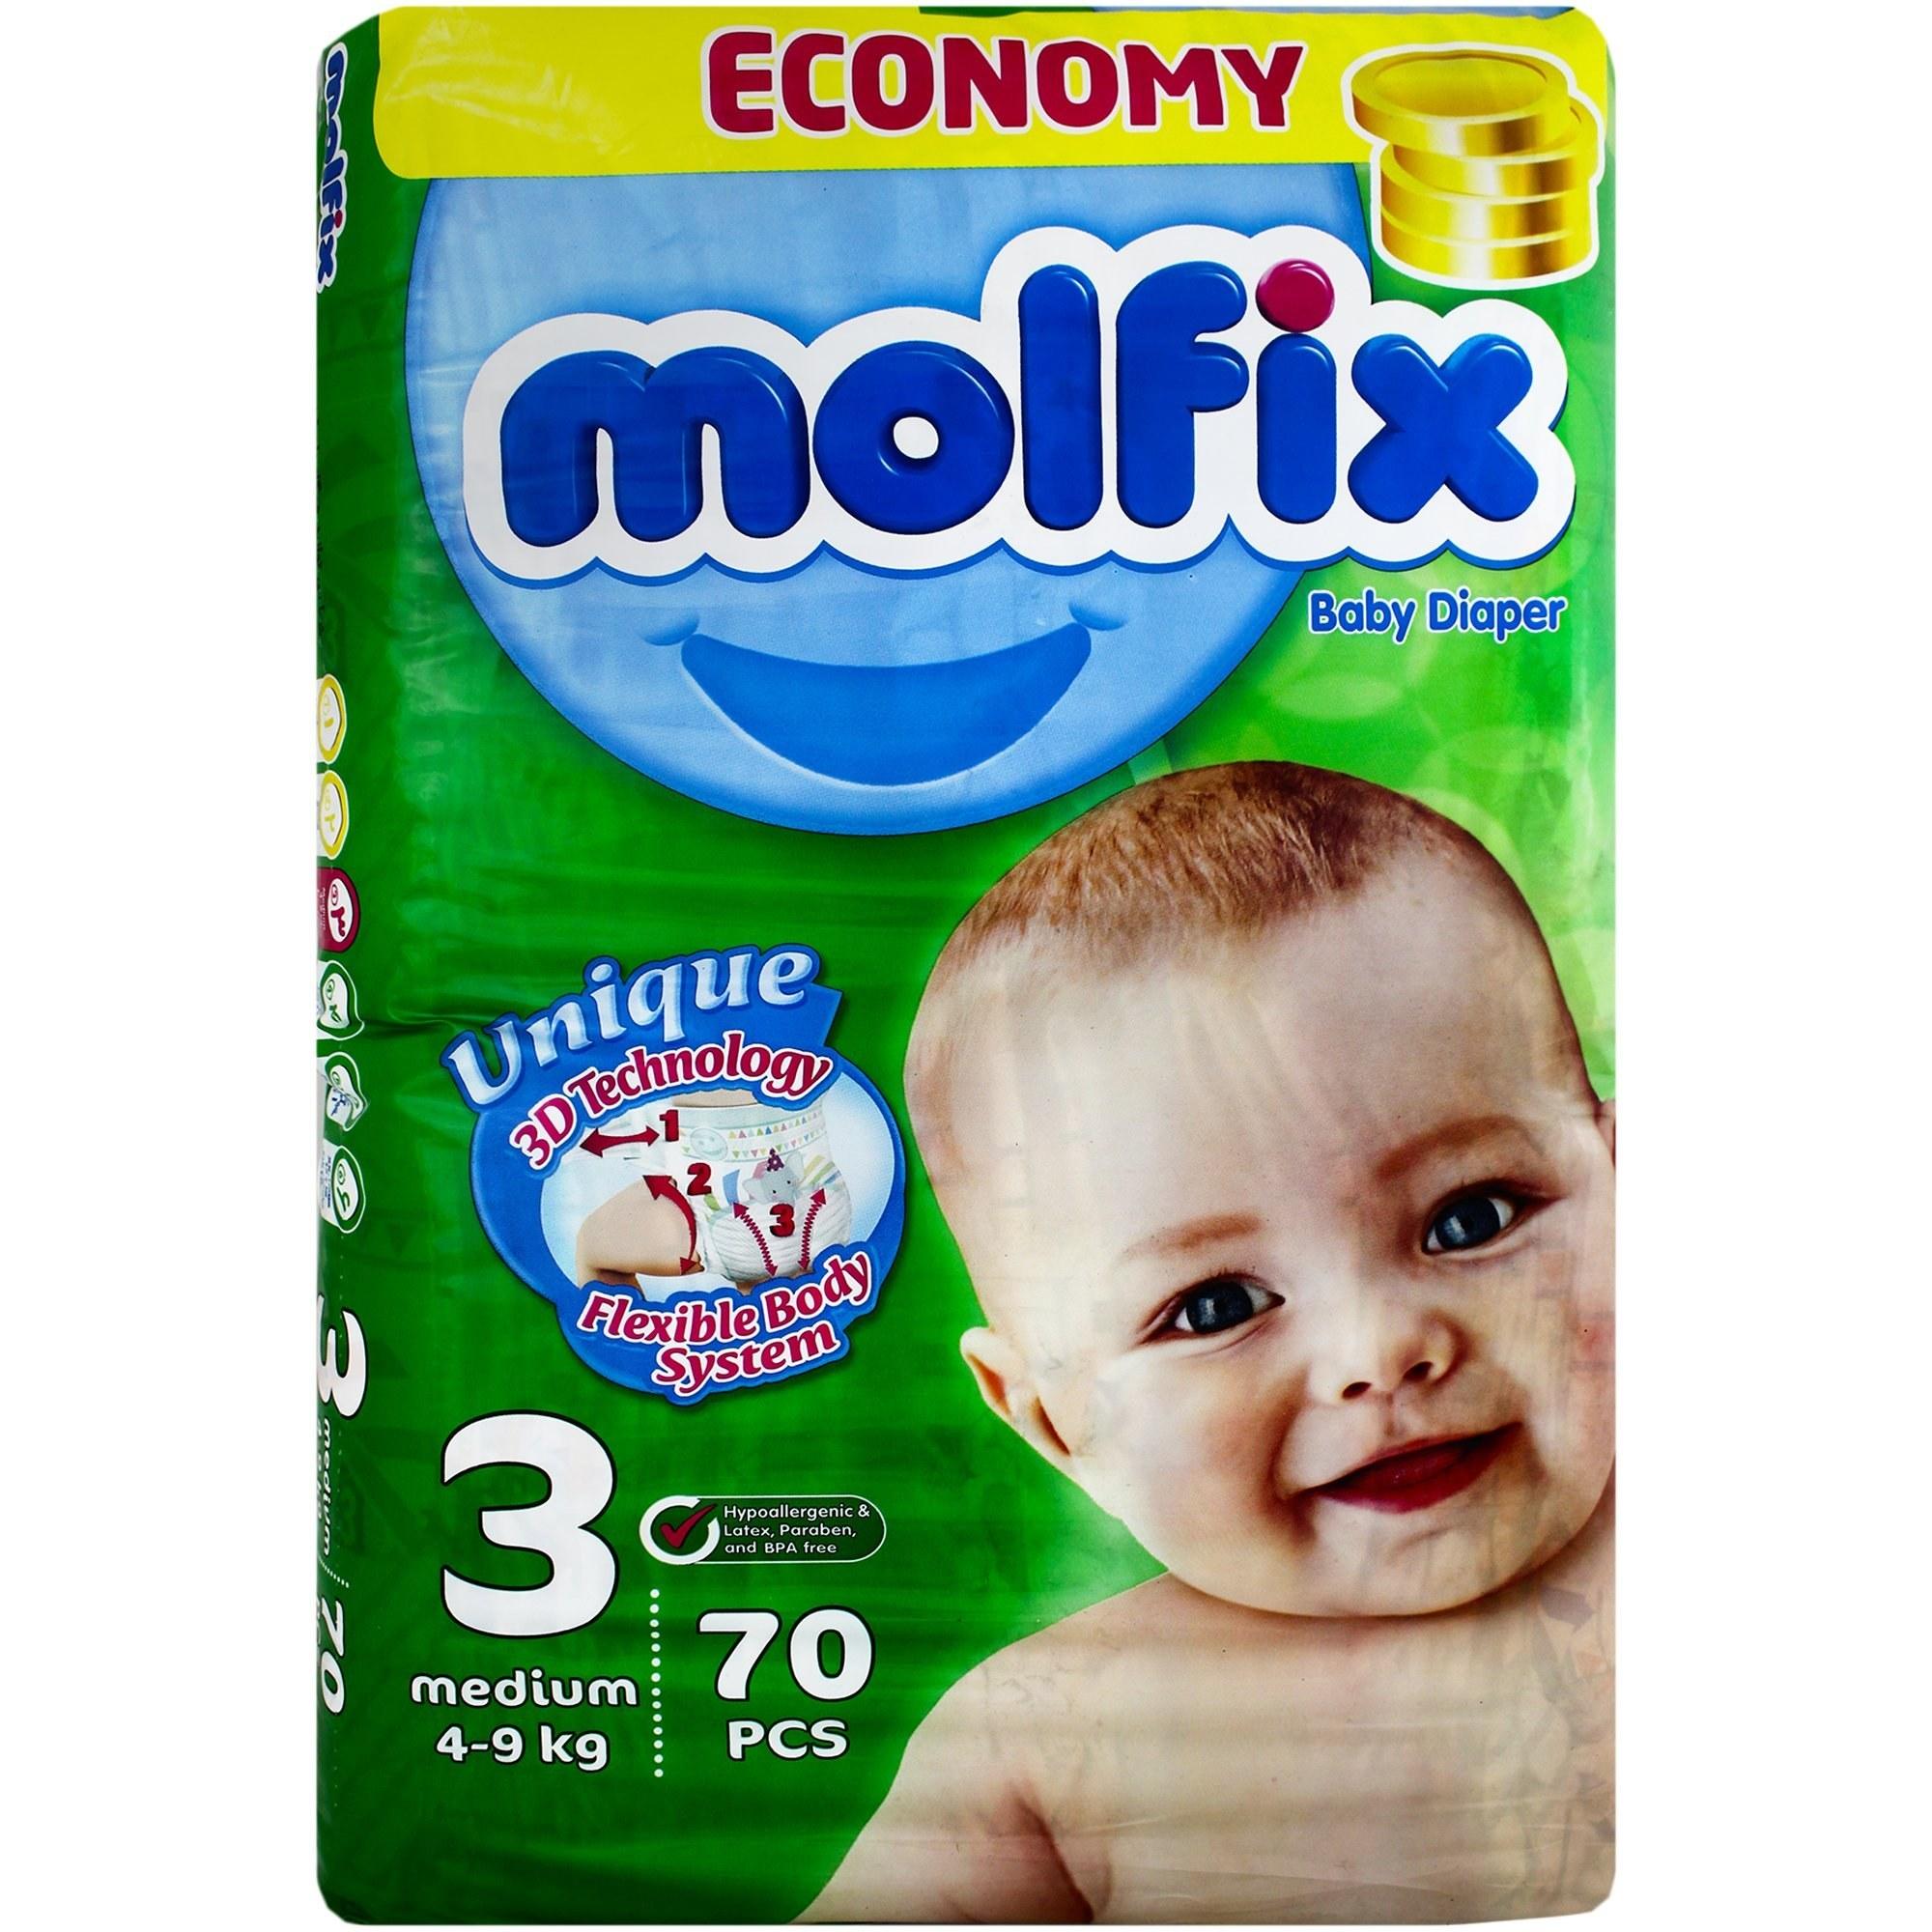 تصویر پوشک کامل بچه Economy سایز 3 مولفیکس 70 عددی ا - -